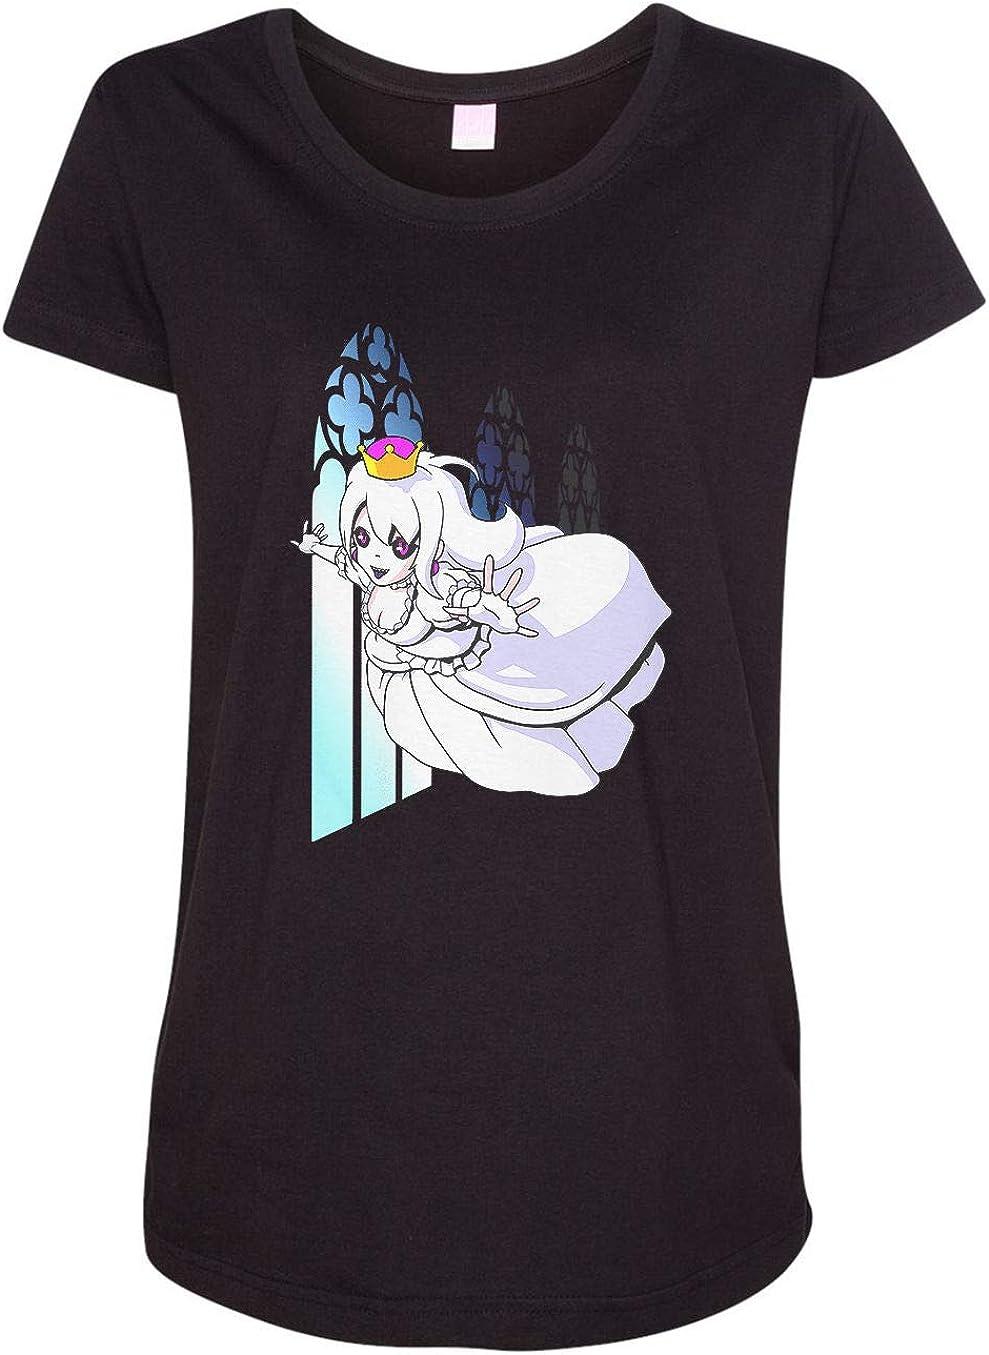 HARD EDGE DESIGN Women's Boosette Black Eye T-Shirt